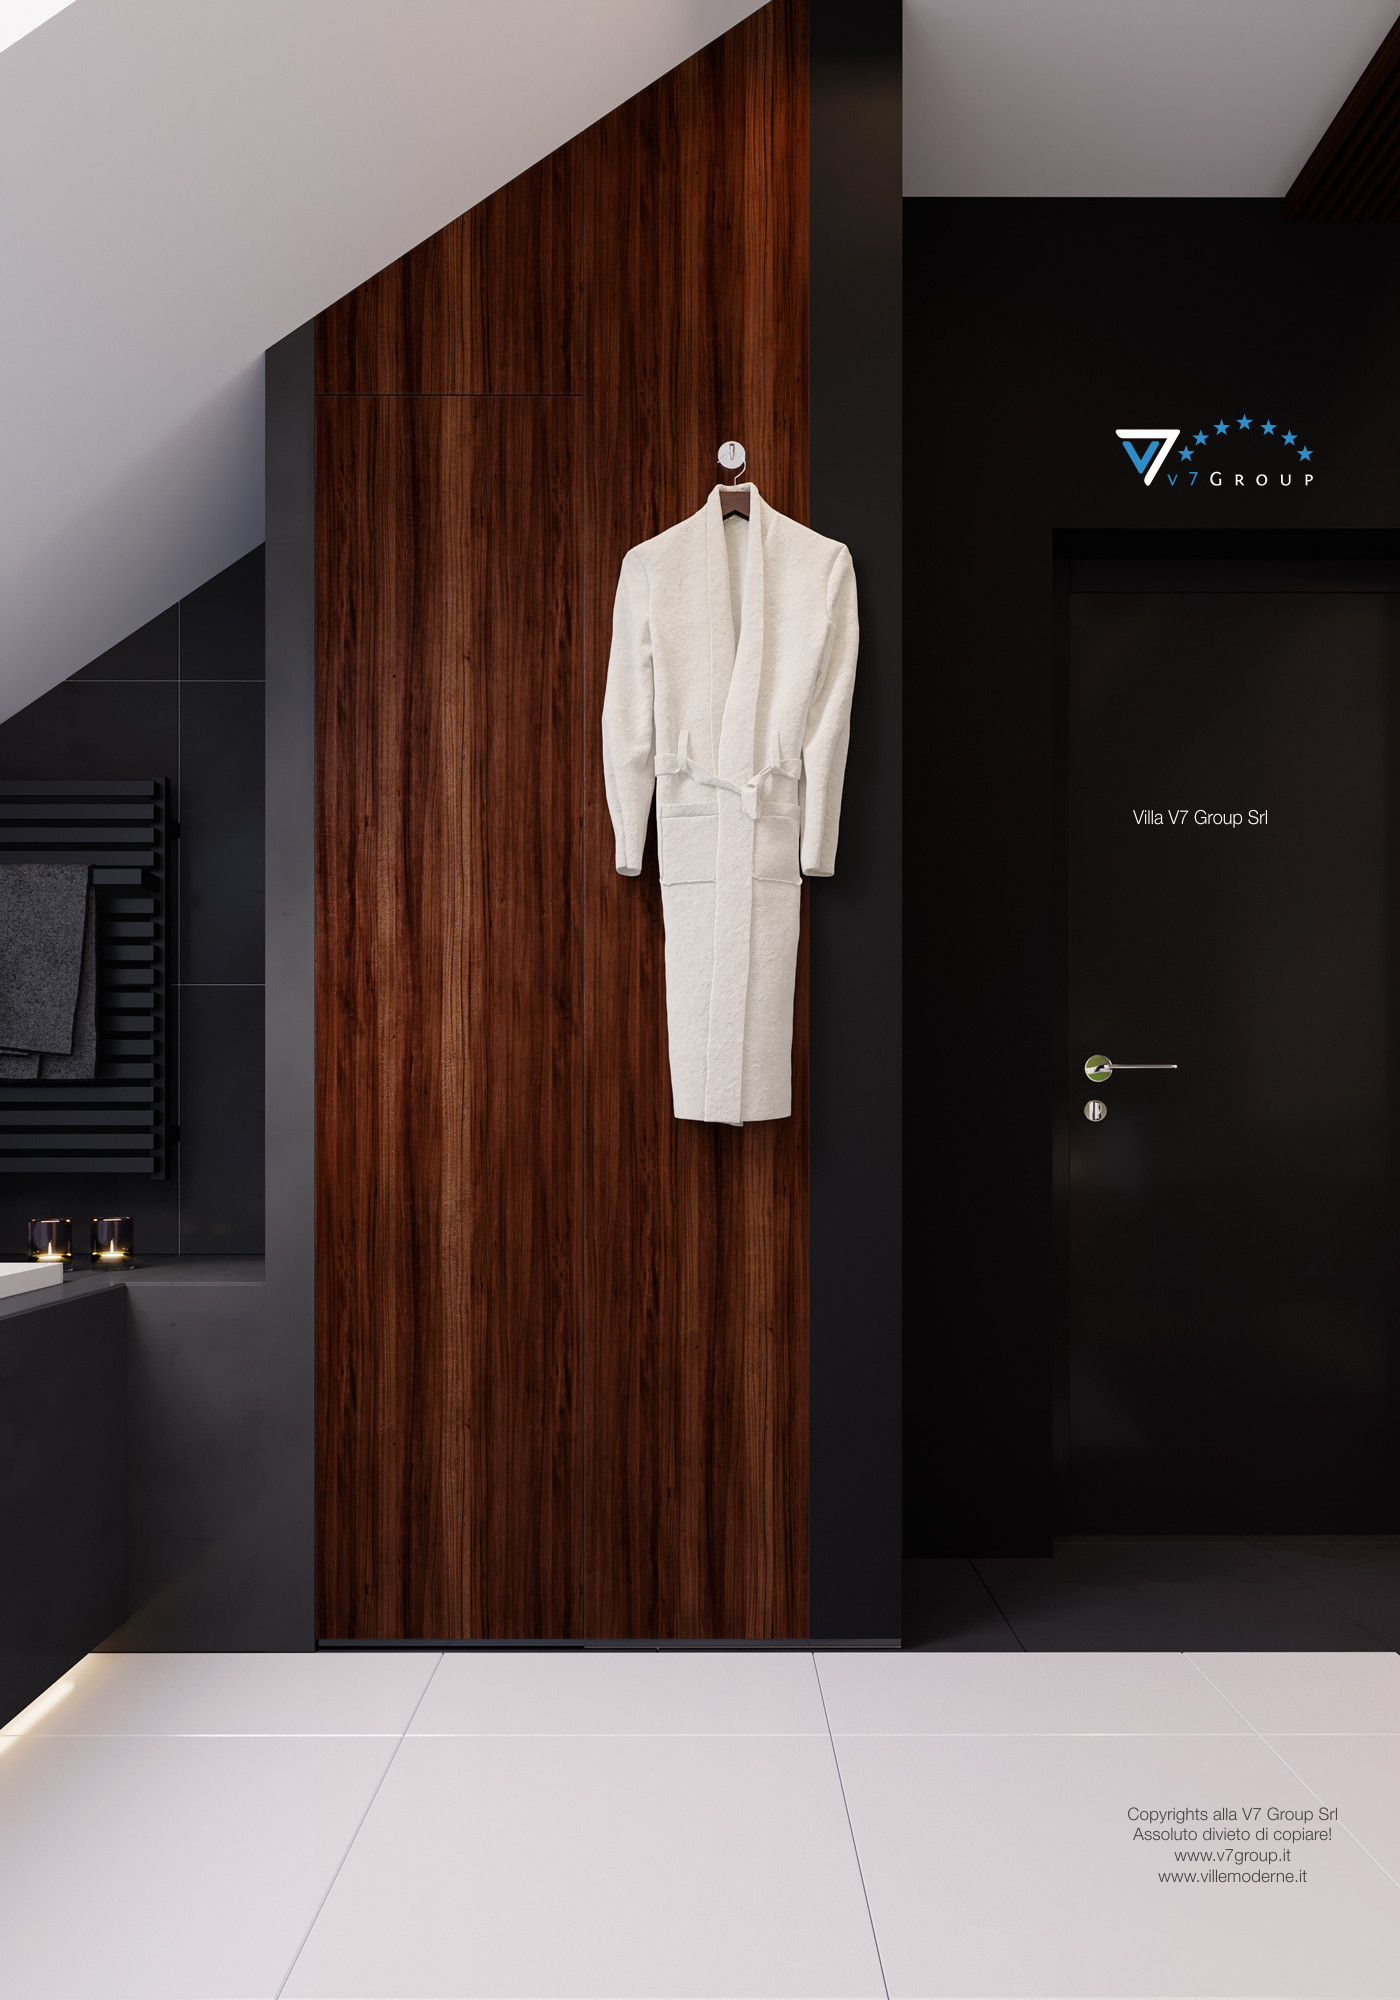 Immagine Villa V13 ENERGO - l'armadio in legno nel bagno